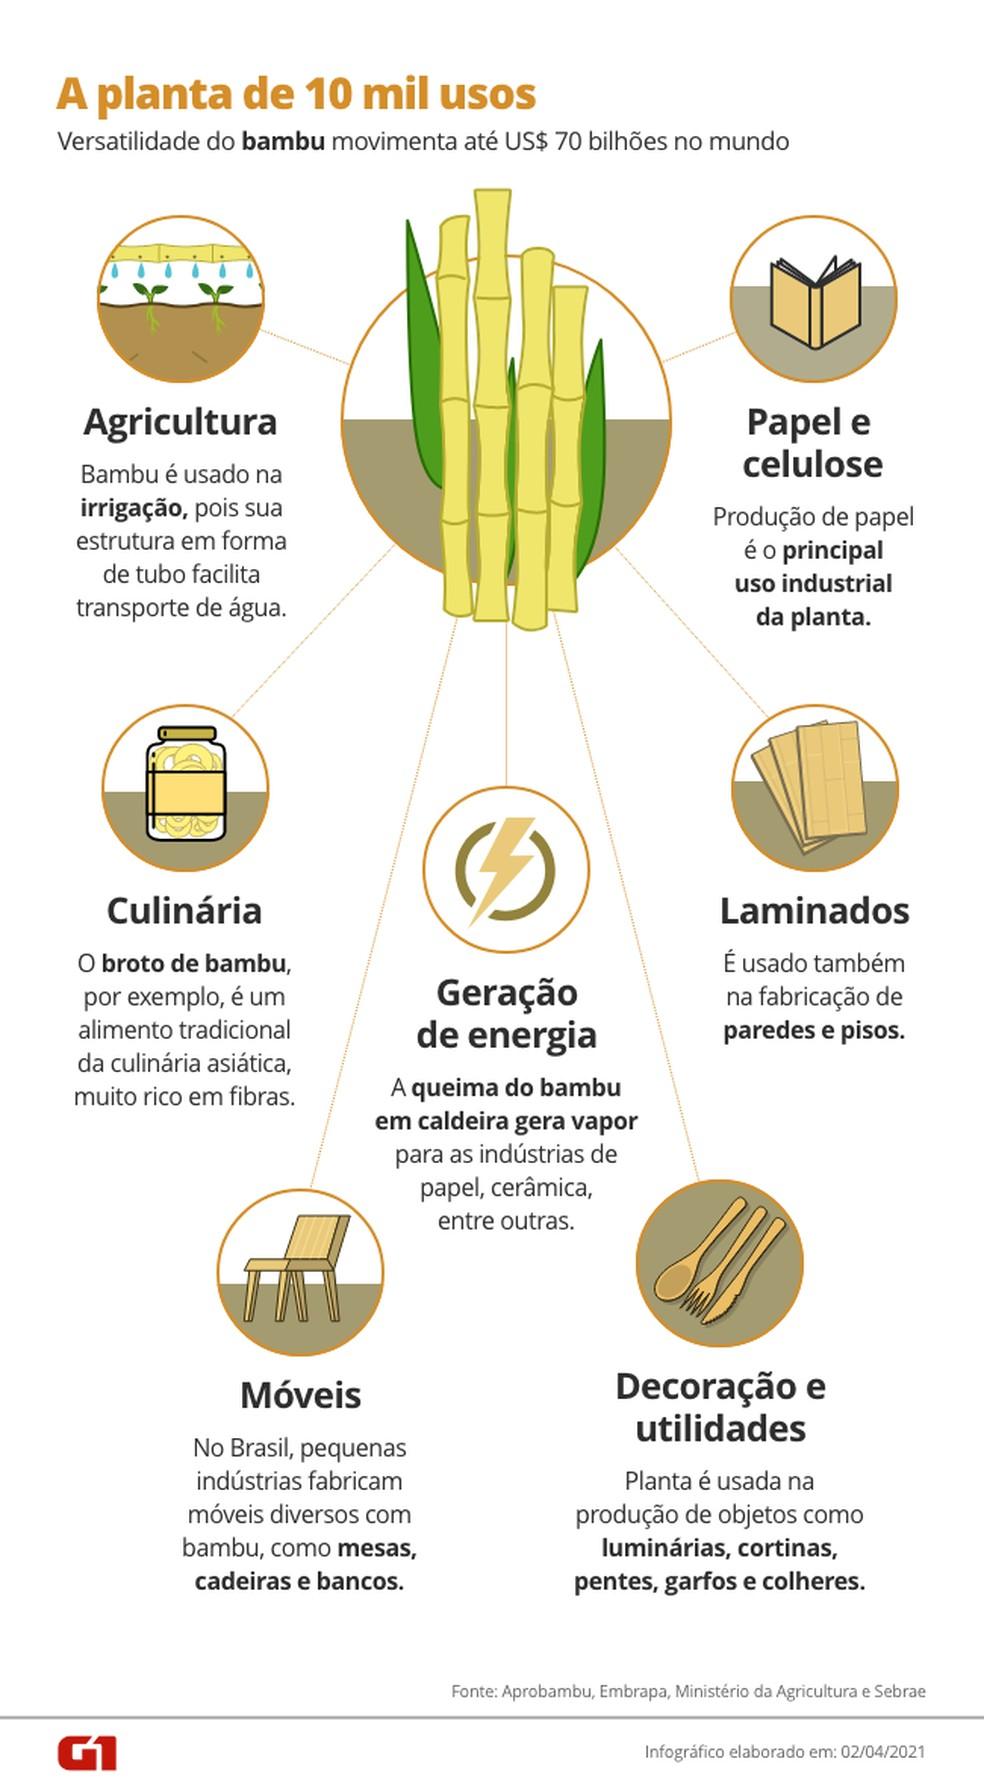 Bambu pode ser usado de 10 mil maneiras diferentes. — Foto: Arte / G1.